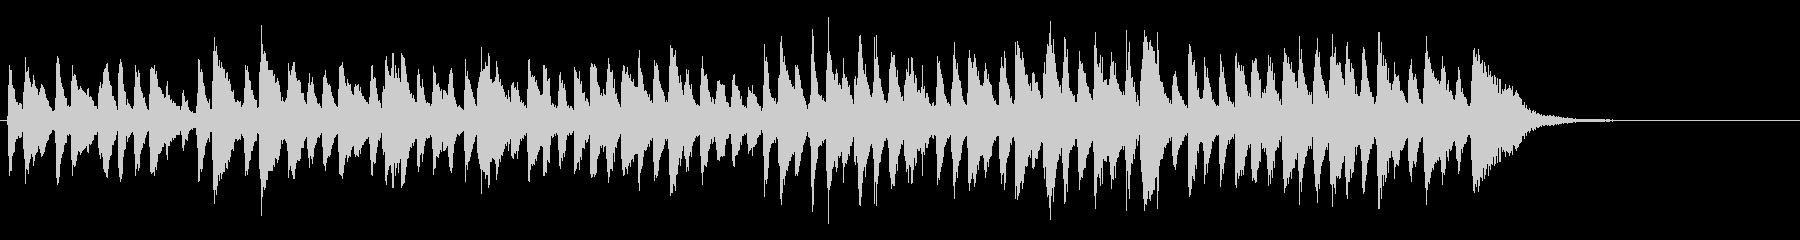 ピアノ協奏曲第2番より(ベートーヴェン)の未再生の波形